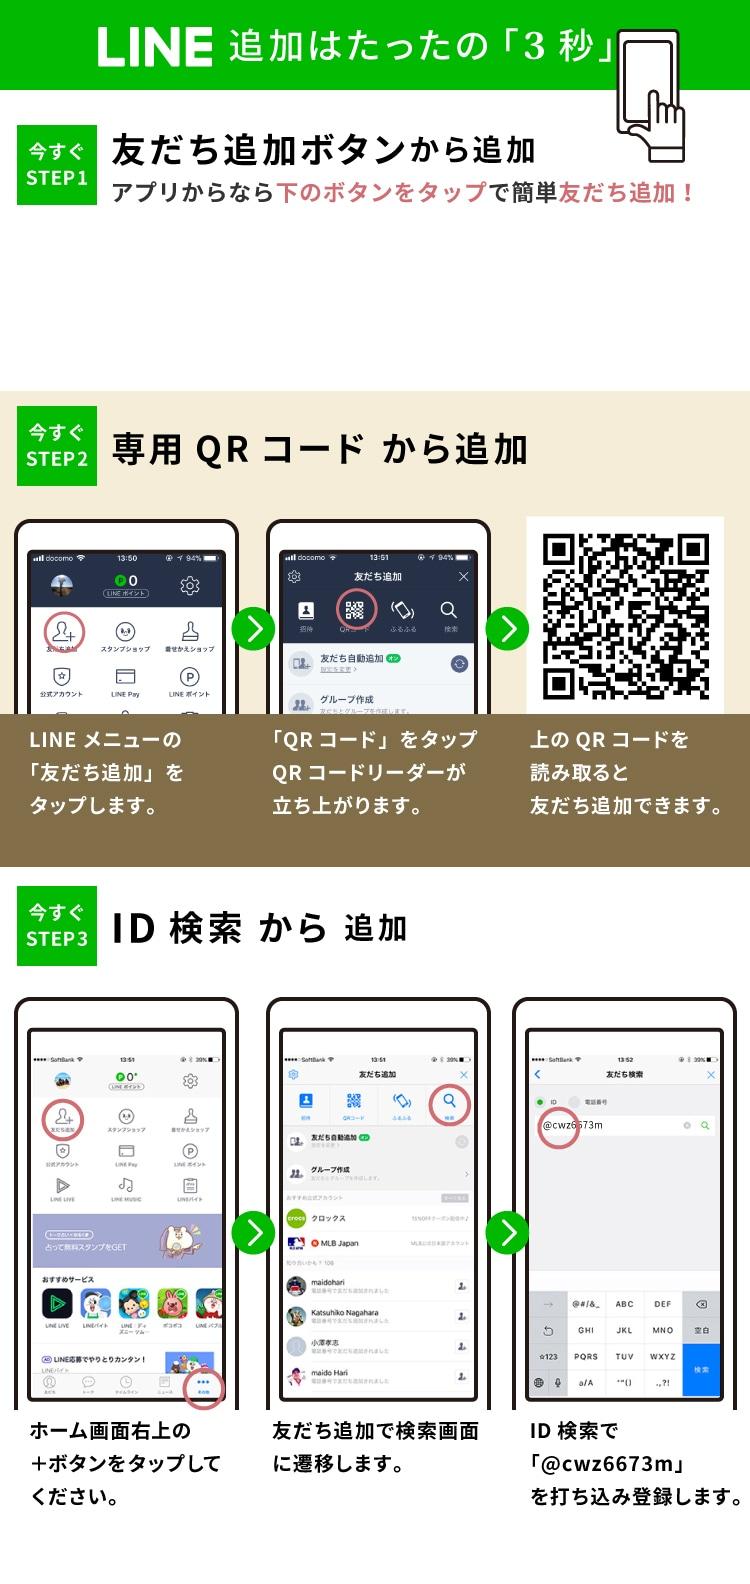 LINE追加はたったの「3秒」:友だち追加ボタンから追加 専用 QRコードから追加 ID検索から追加